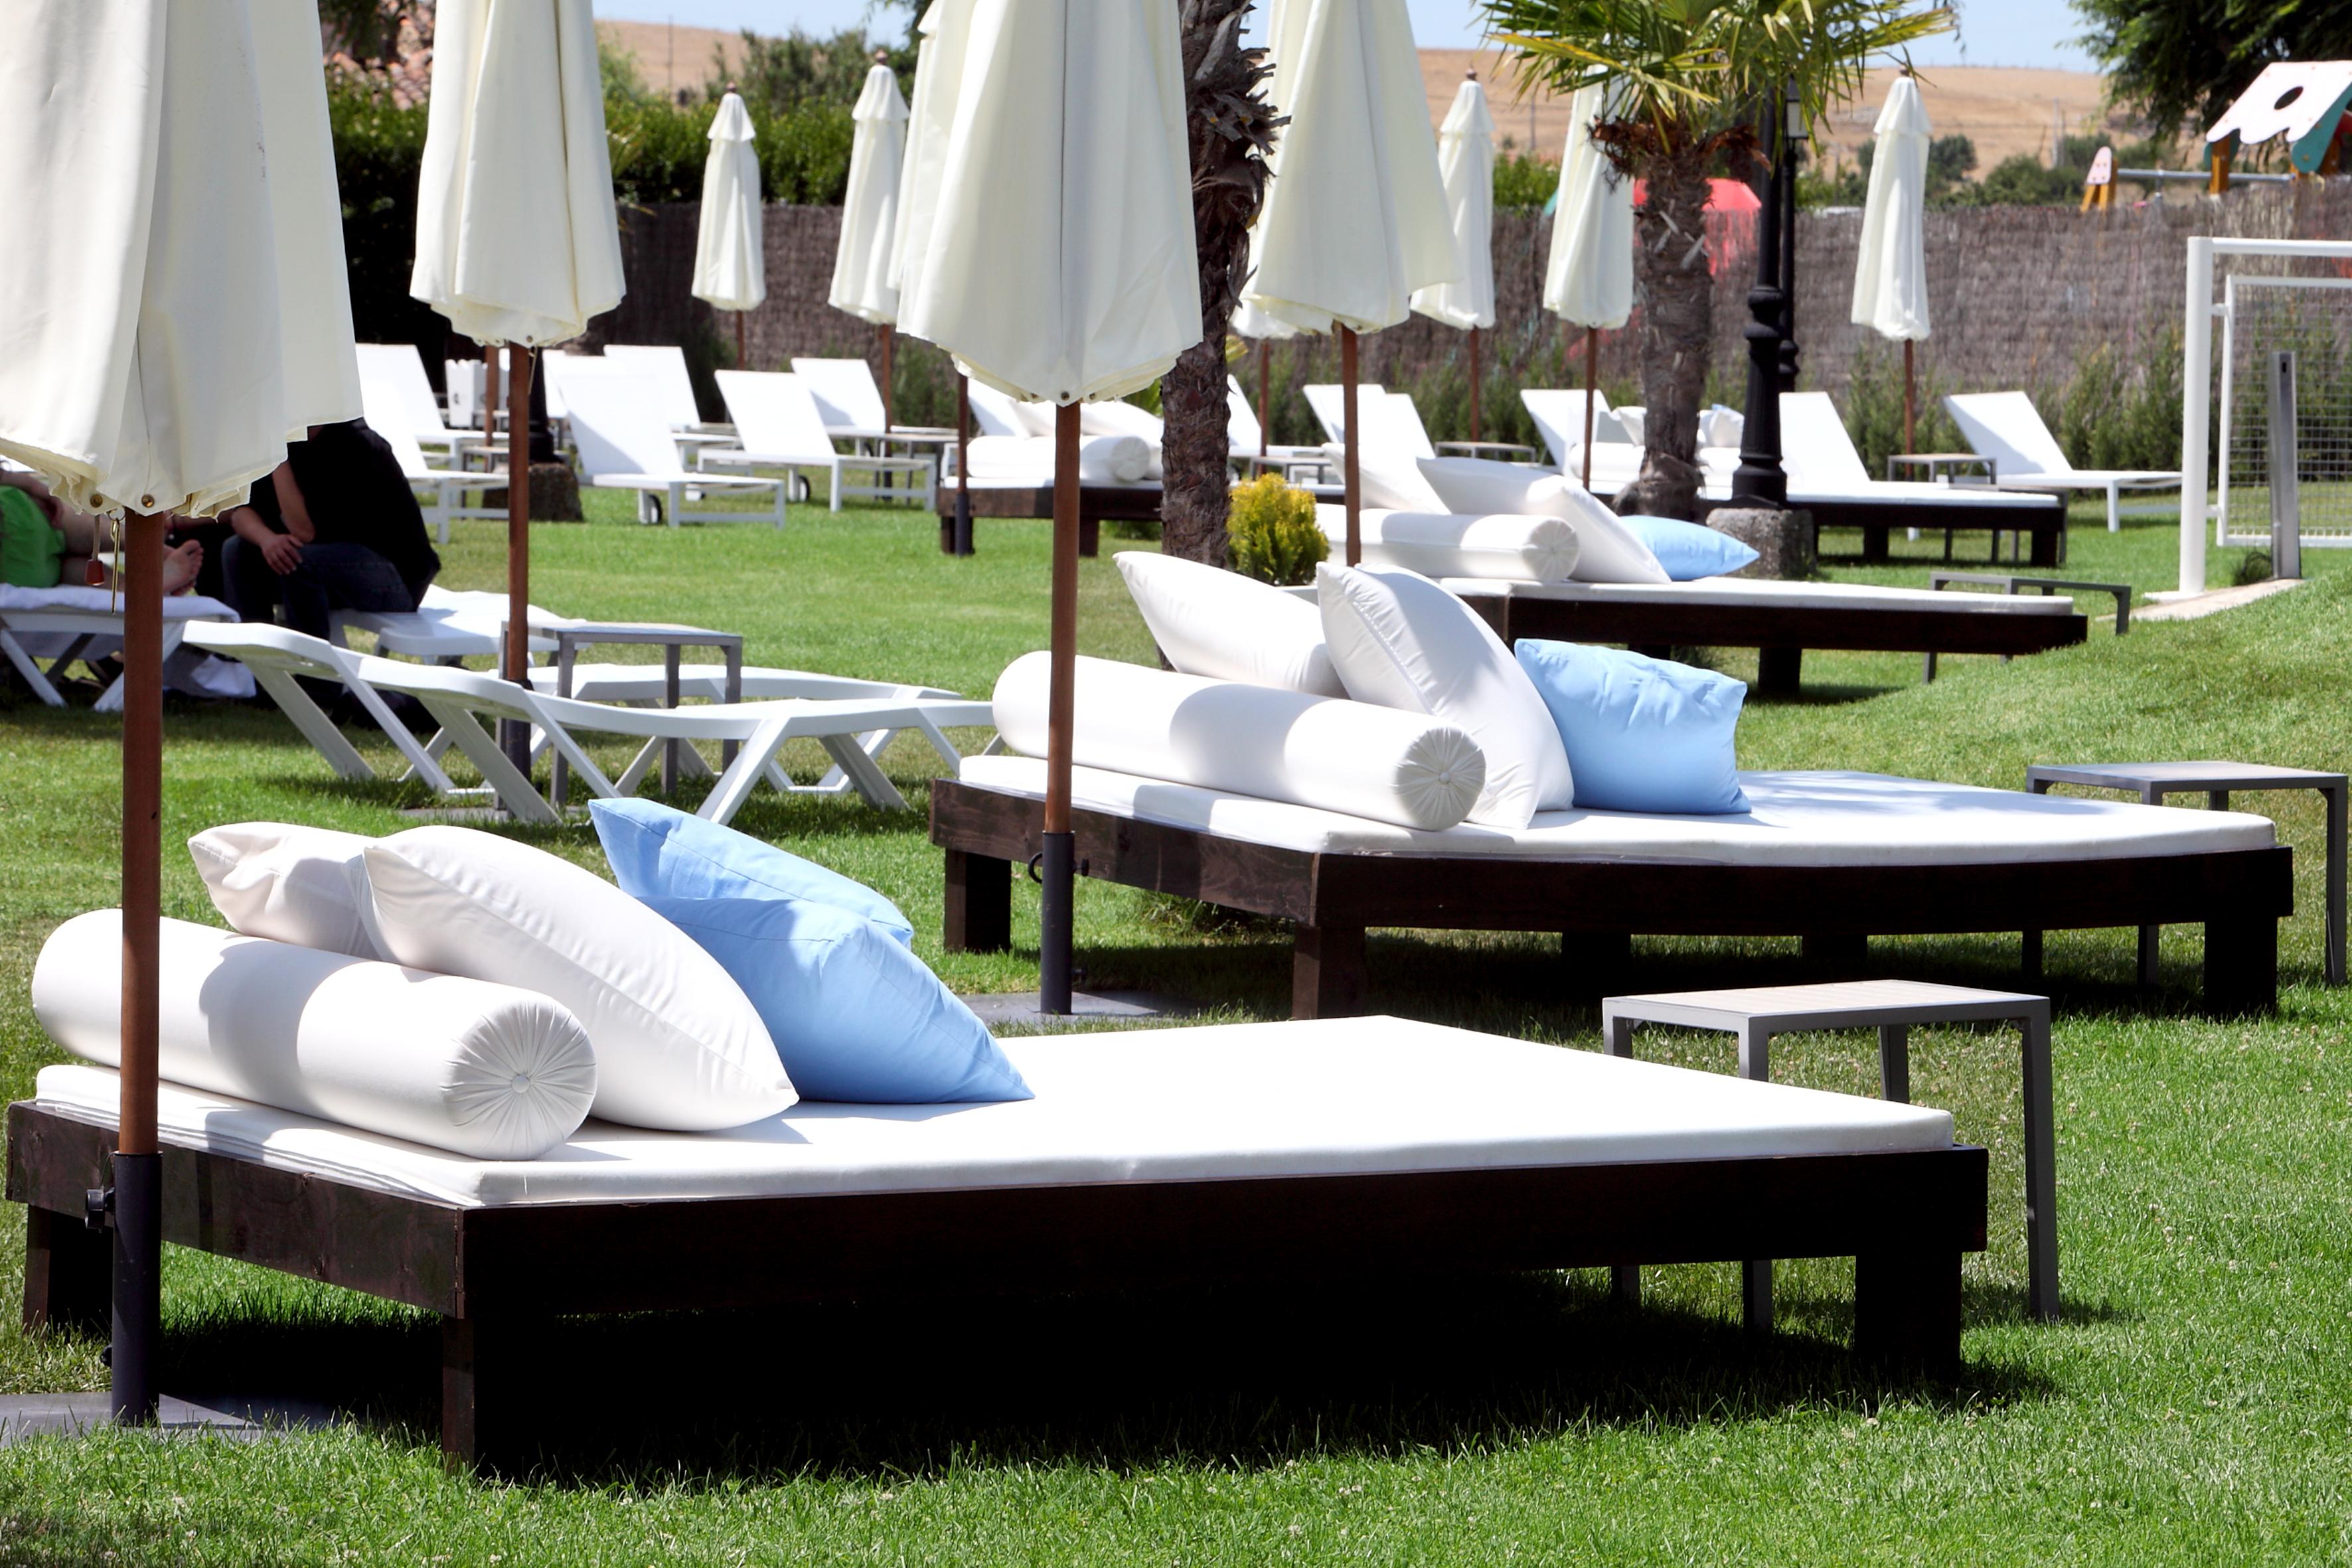 Piscina ciudad rodrigo hoteles conde rodrigo blog for Hamacas de piscina